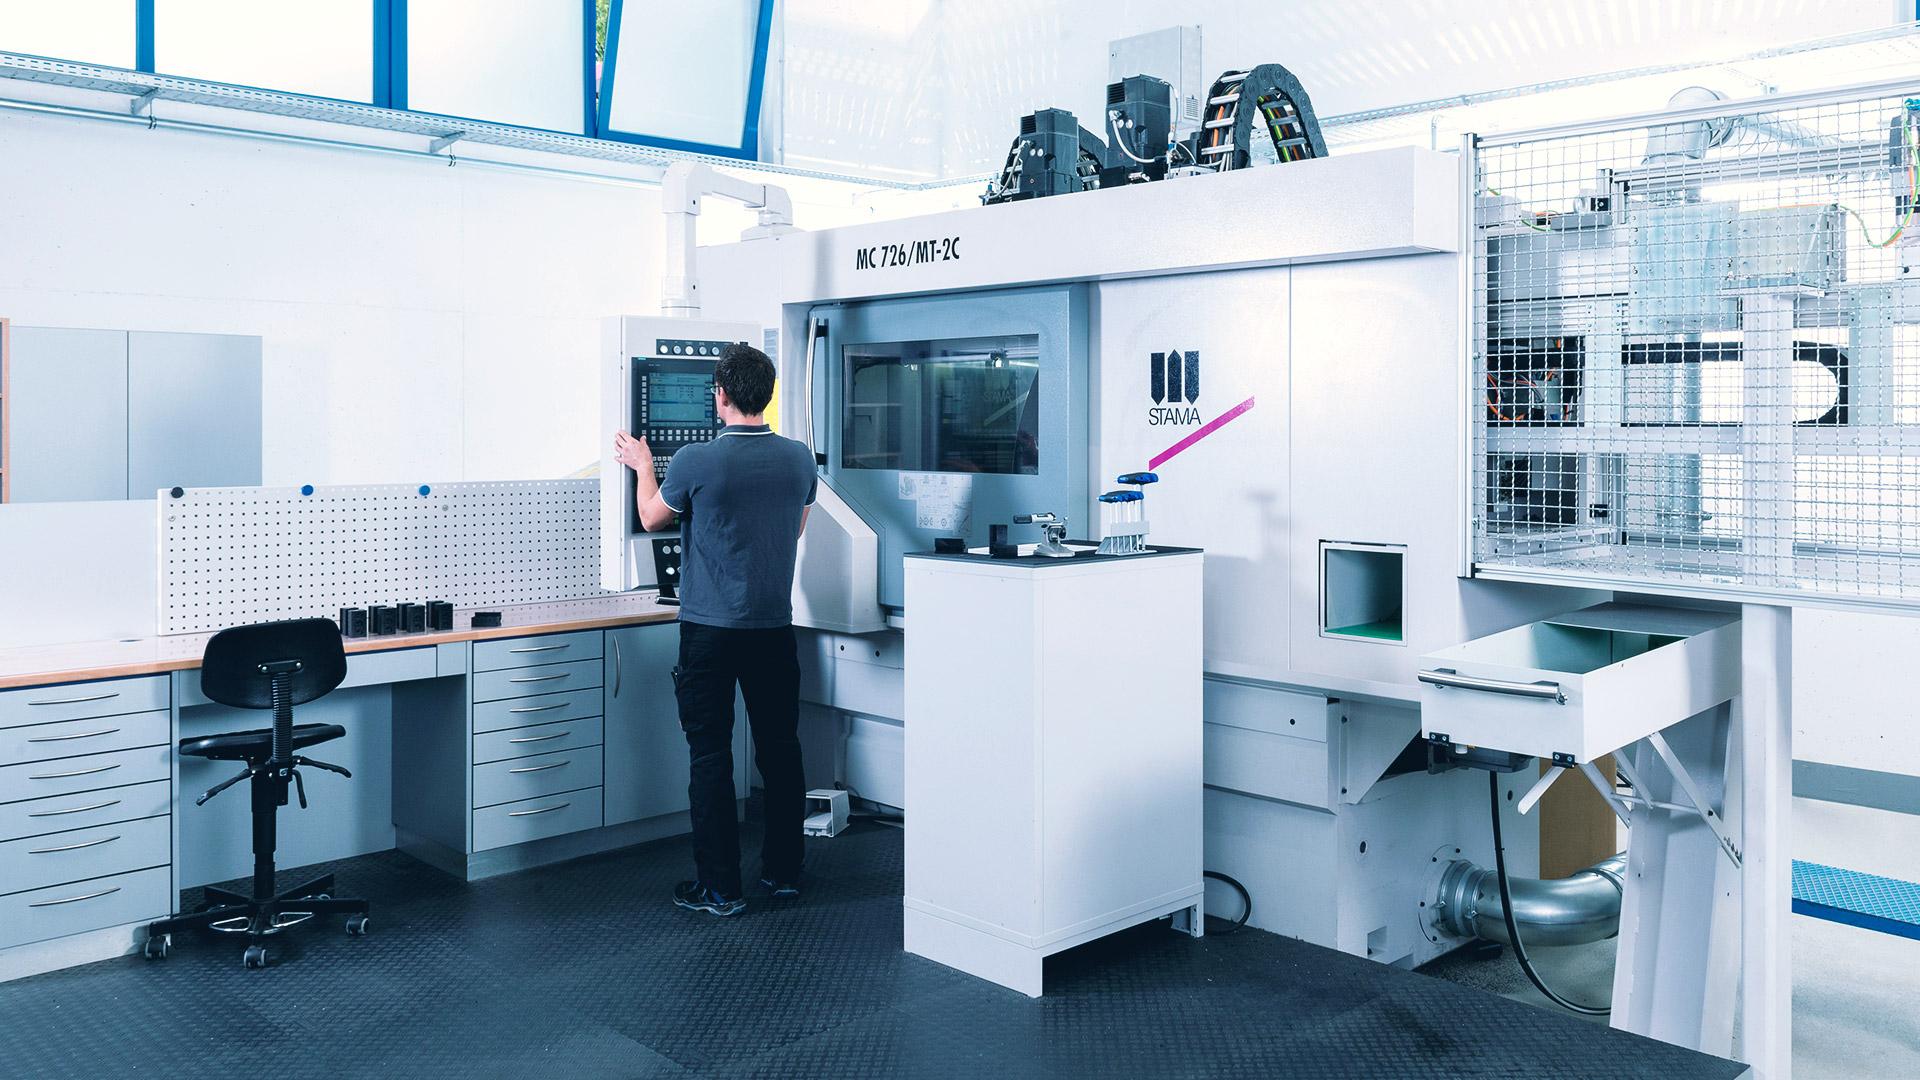 Unternehmensprofilierung in Bild und Ton für die Aberle Kunststoffverarbeitung GmbH